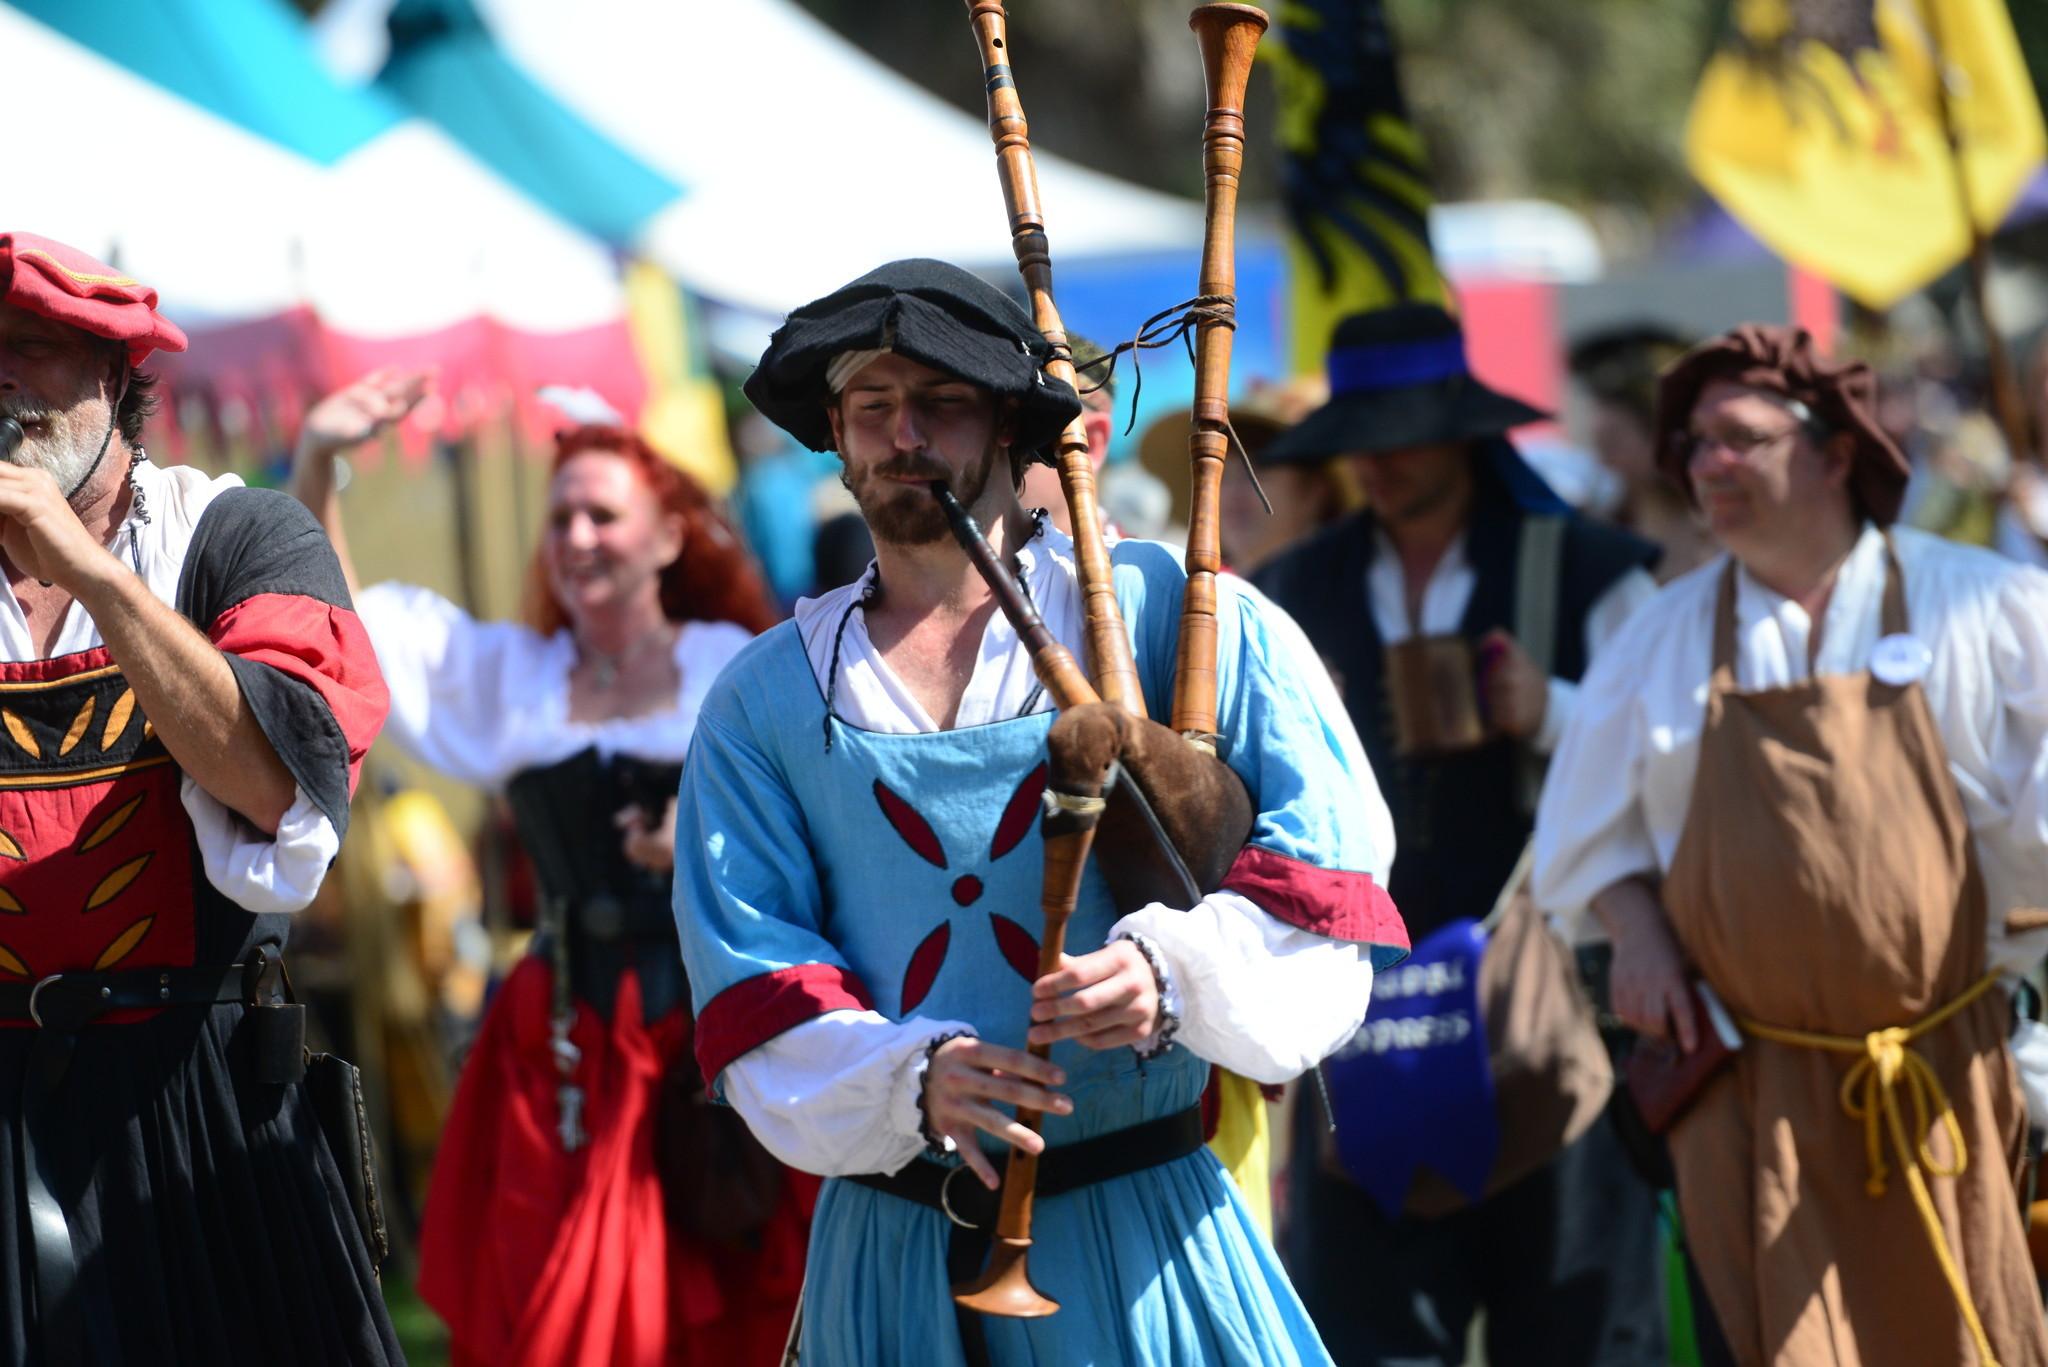 Renaissance Festival photos - Pipes in parade